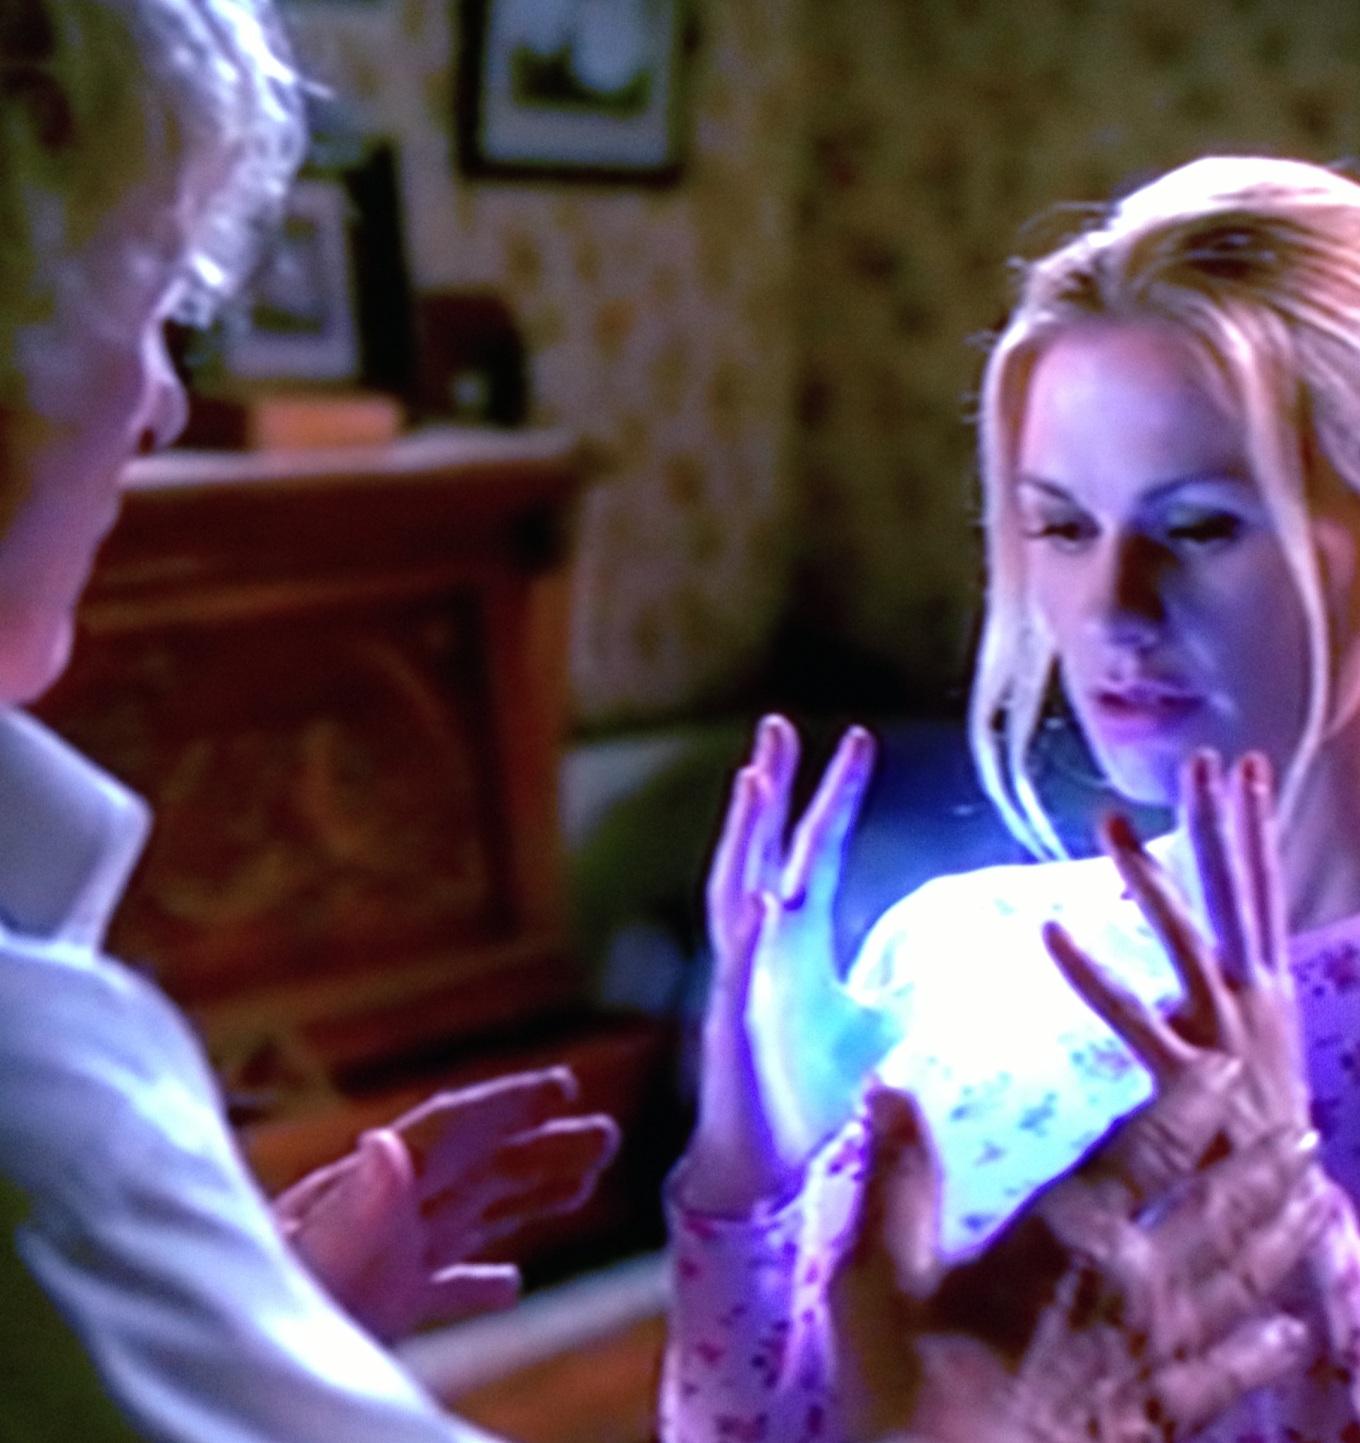 """Nonno Fata: """"Jason ce l'ha grosso così"""" Sookie: """"No, è più di queste dimensioni"""""""